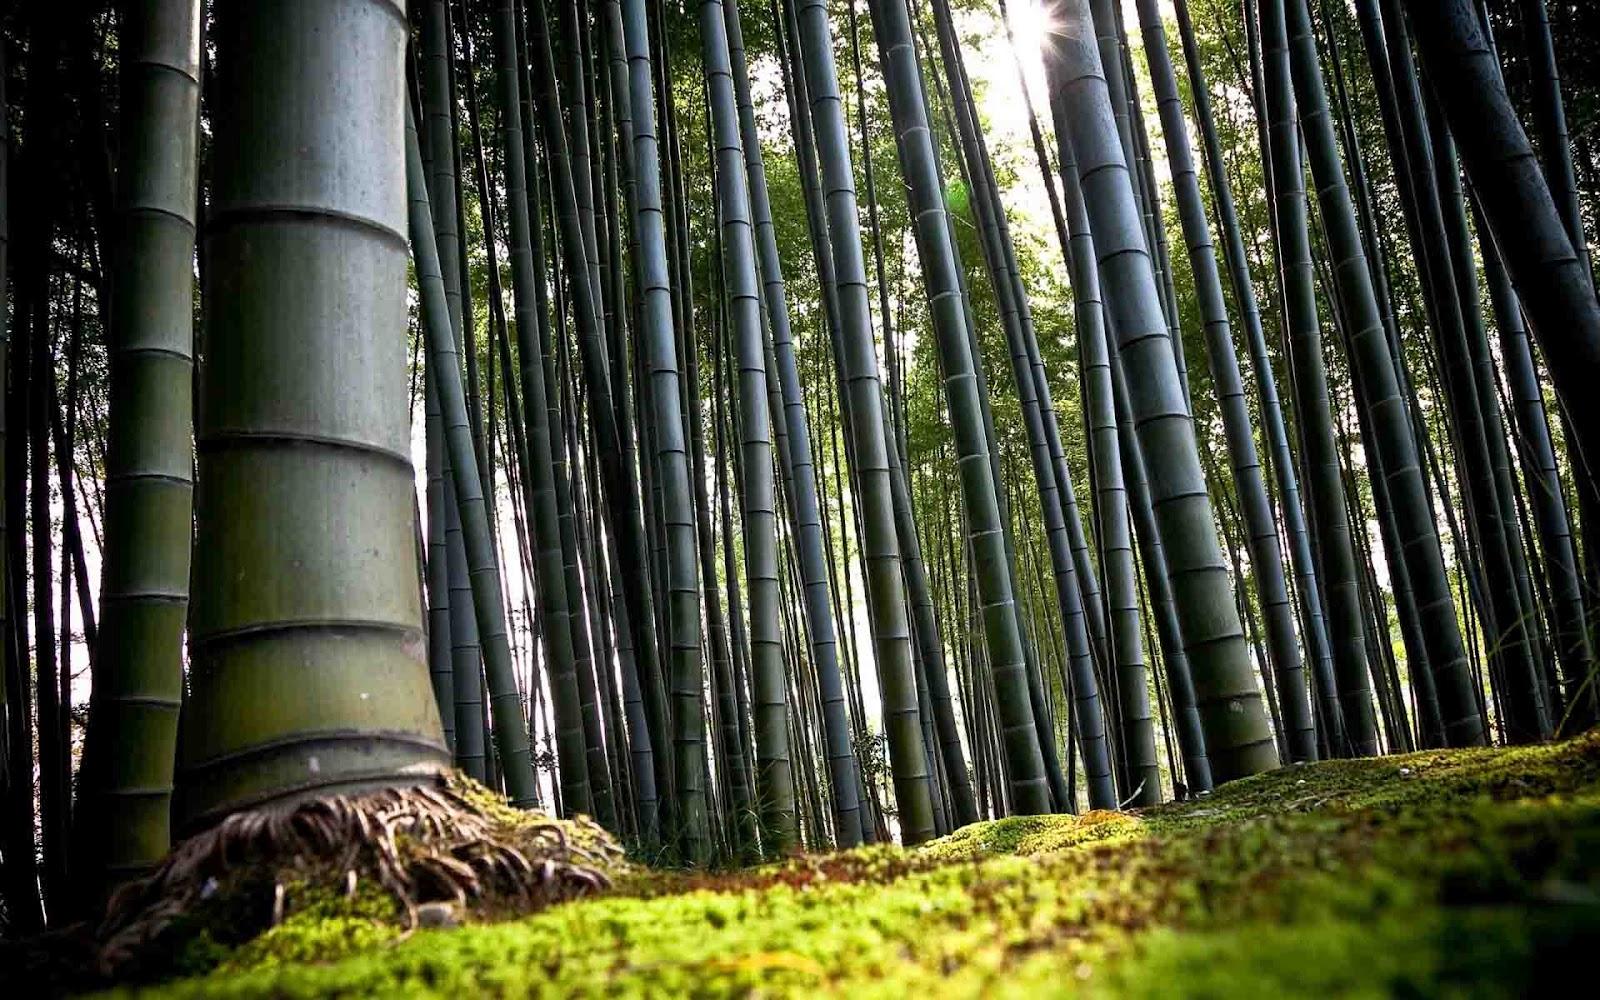 http://1.bp.blogspot.com/-7H8Y3uq2vSg/Tz8nrbEICXI/AAAAAAAAAWs/vun1feU5v1w/s1600/bamboo-forest-wallpaper-1920x1200.jpg